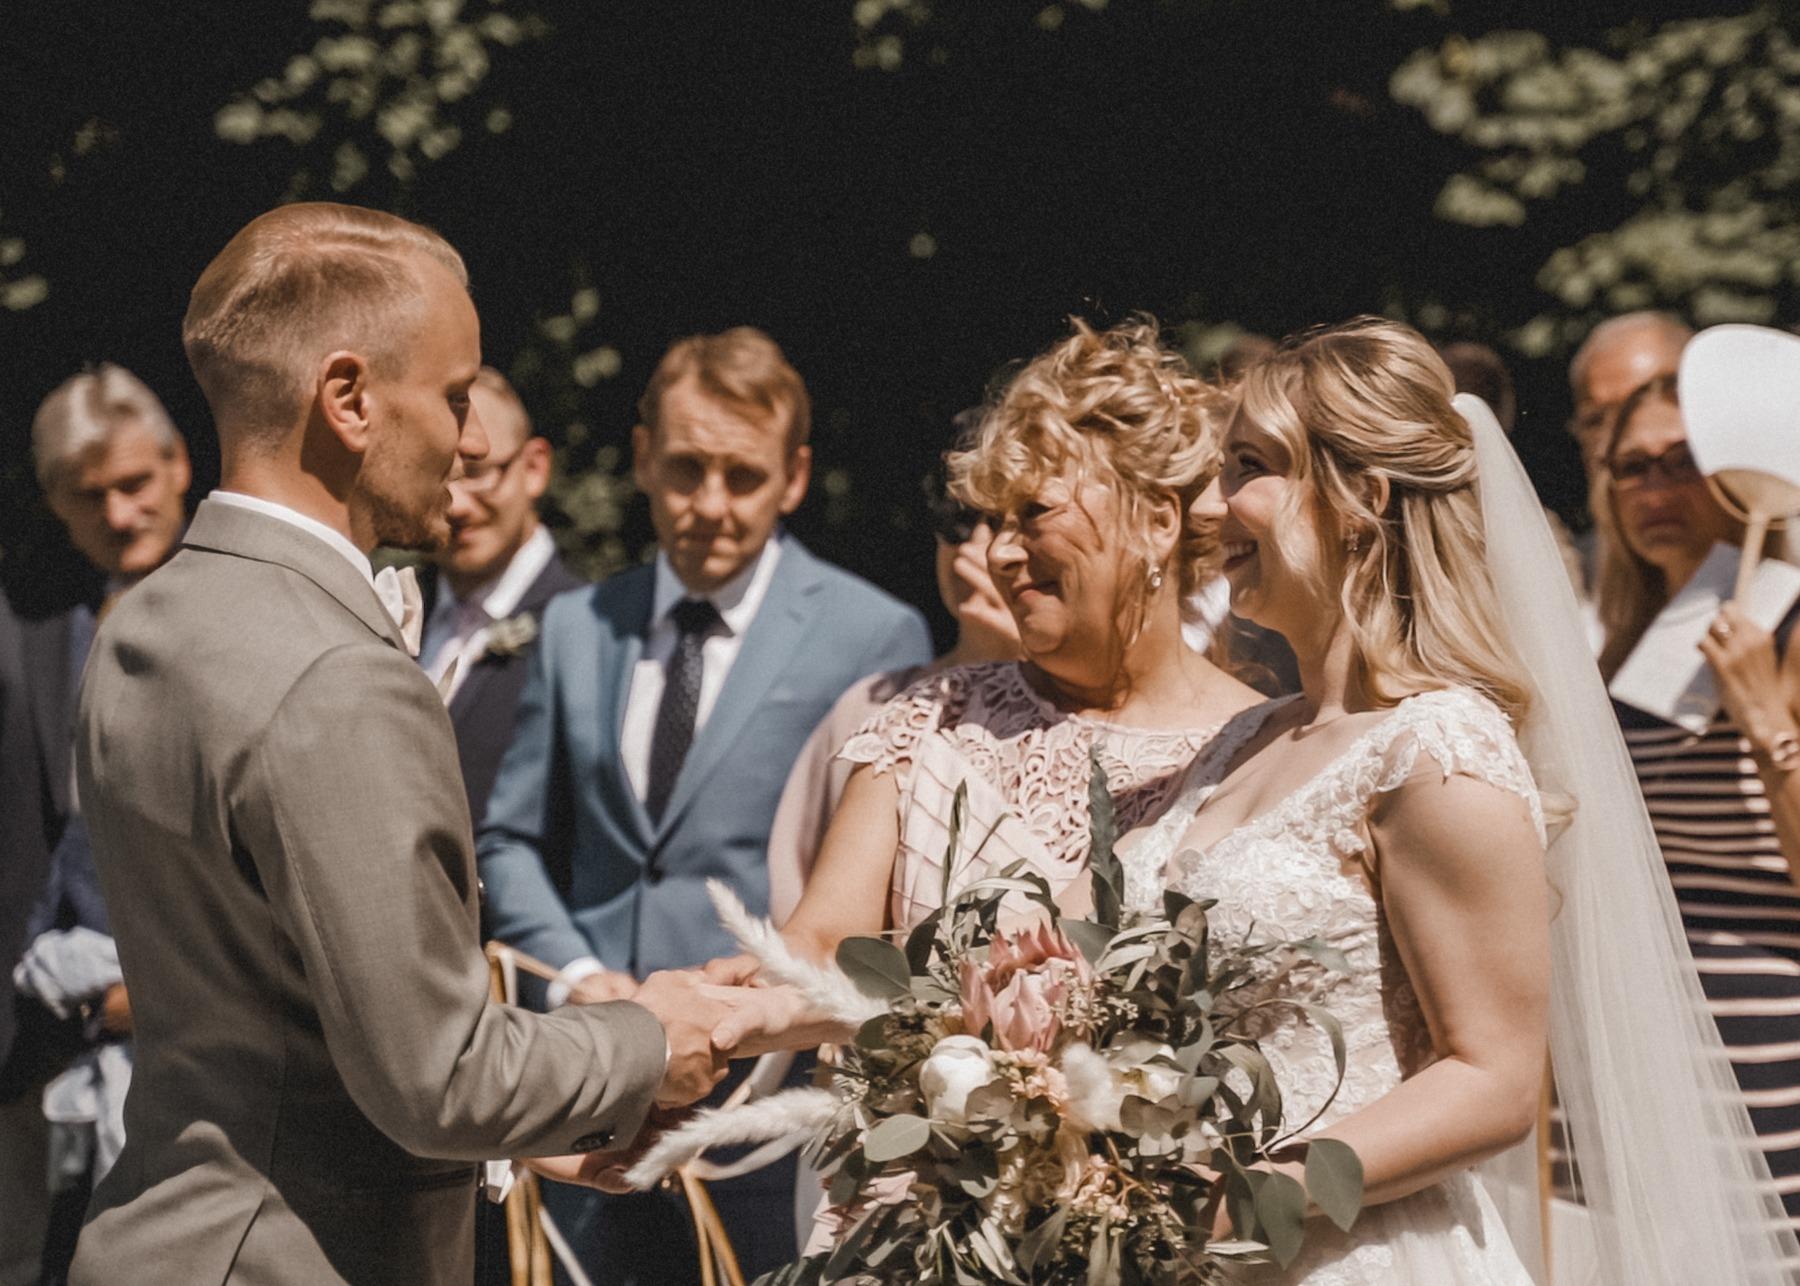 Die freie Trauung und die Übergabe der Braut von der Mama zum Bräutigam